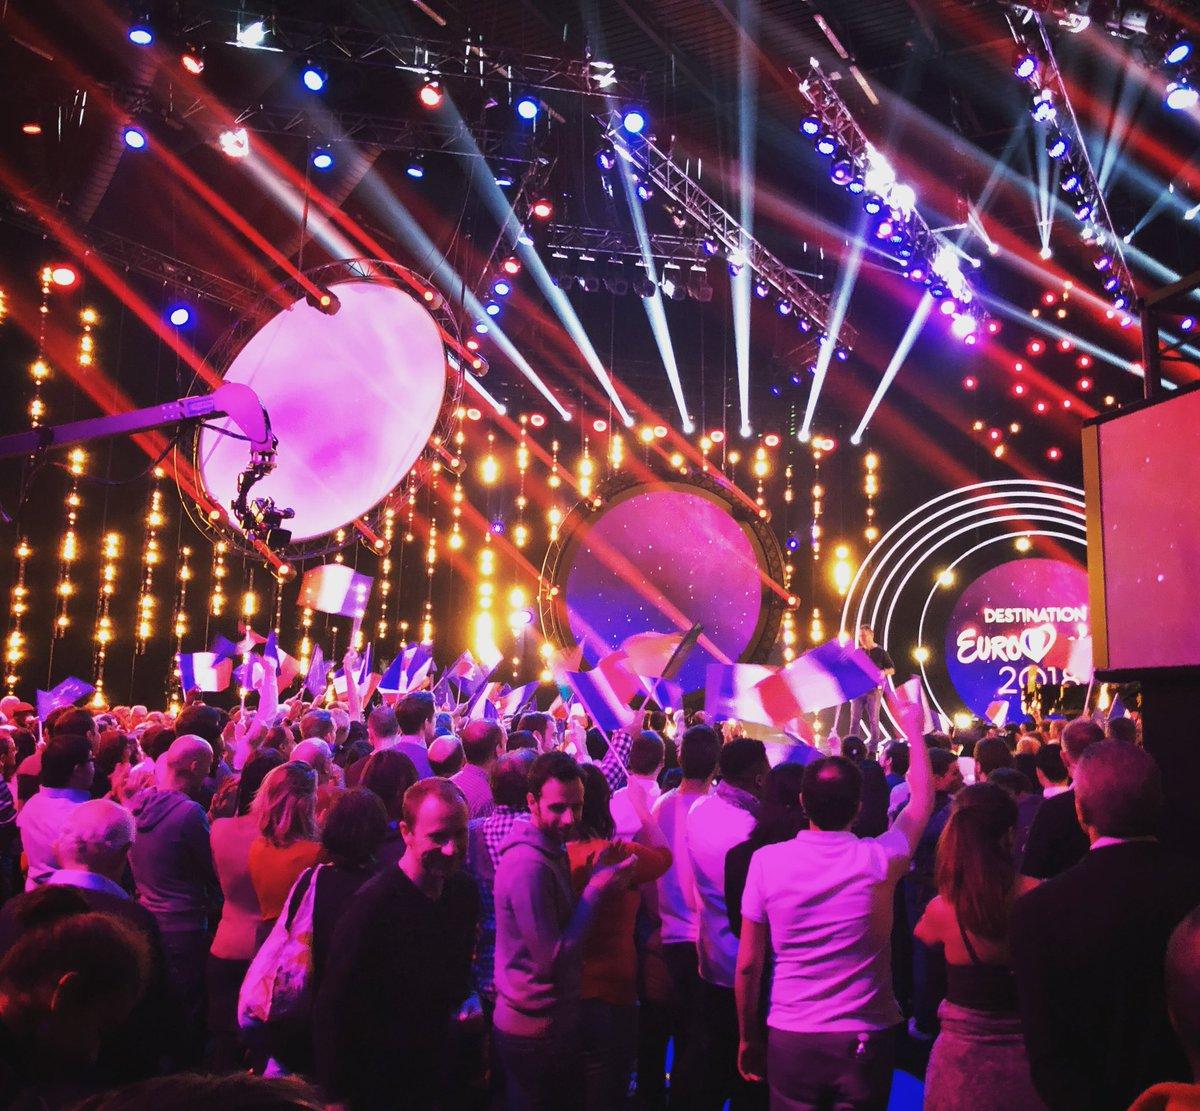 Ce soir : Destination Eurovision DF1 – (mise à jour : les résultats)